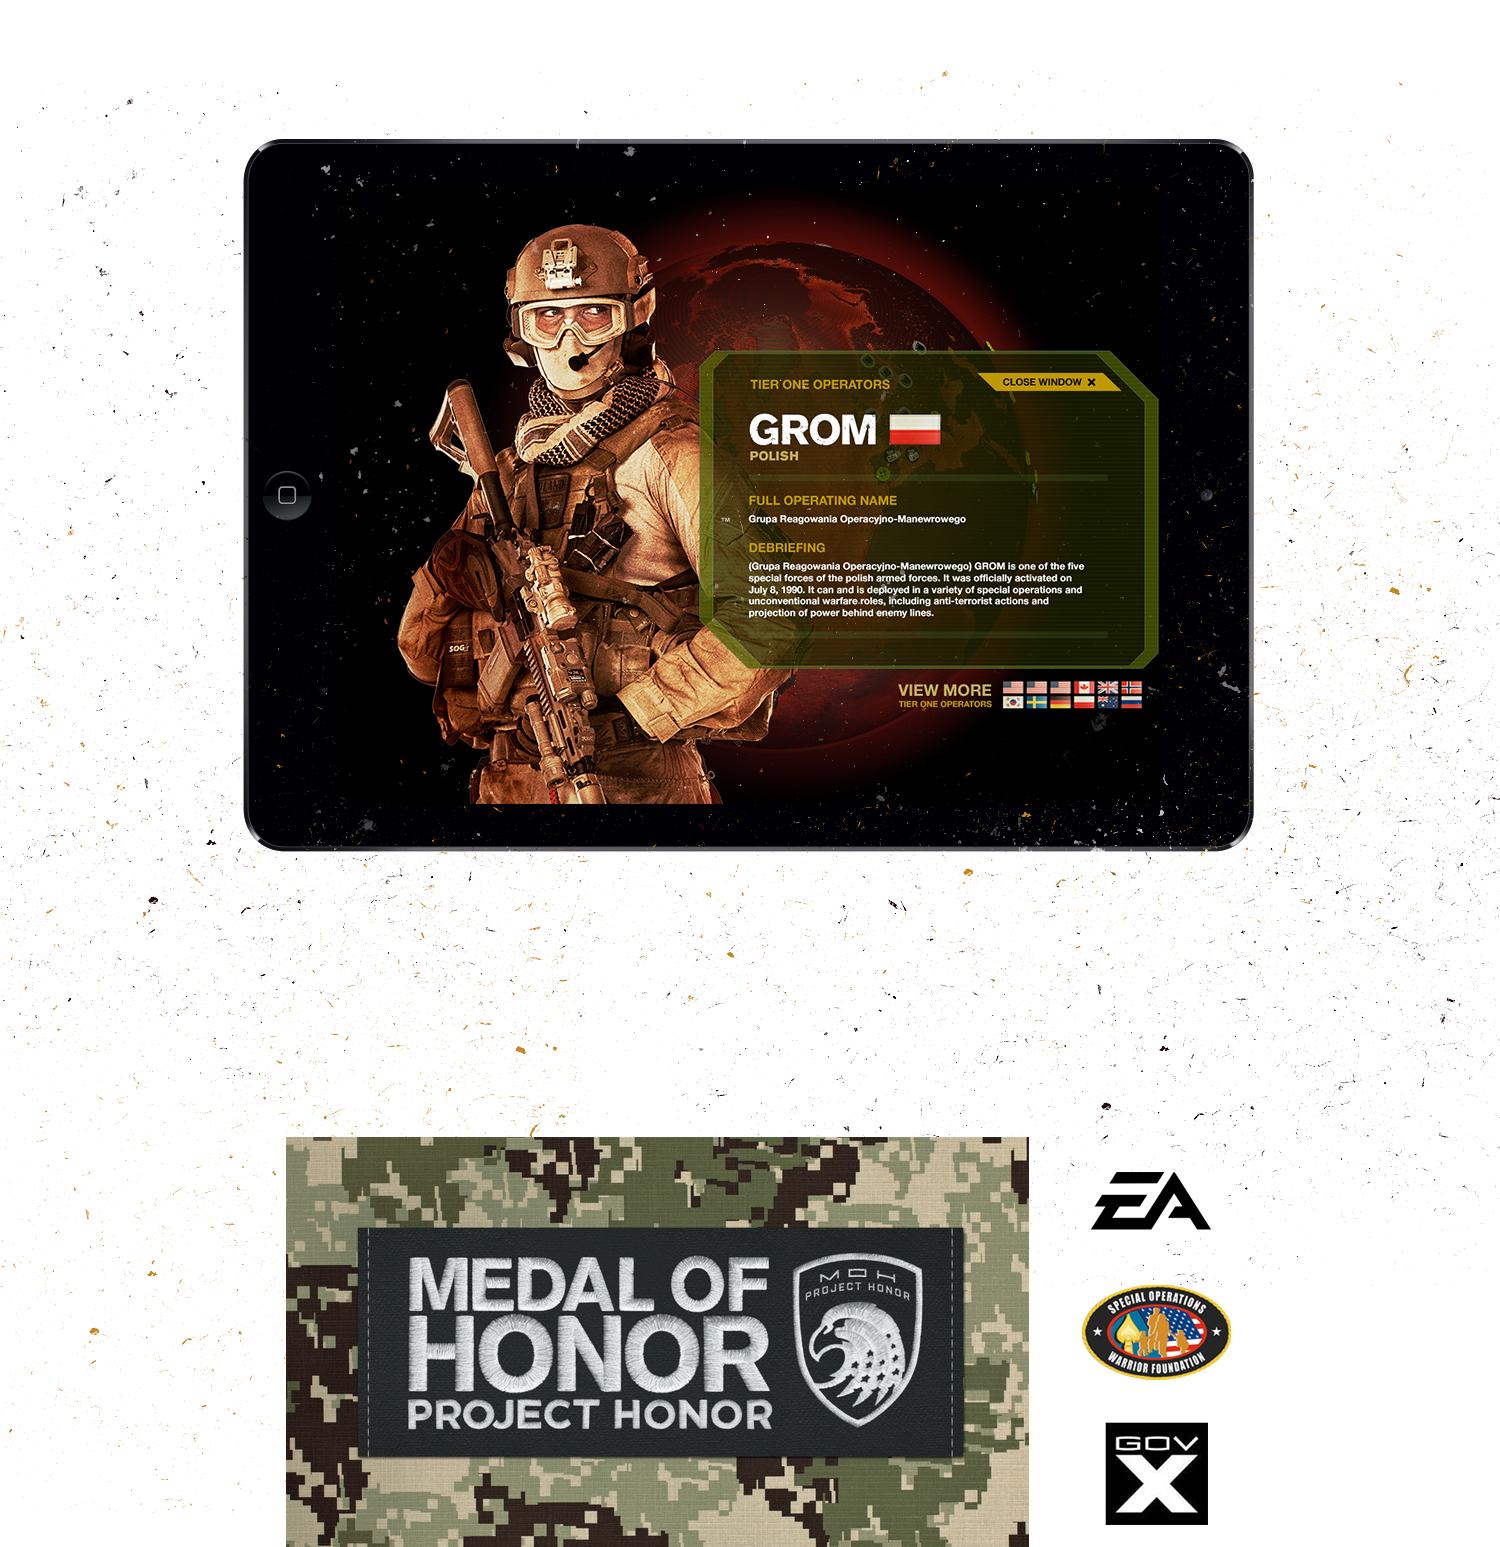 medal_of_honor_02.jpg